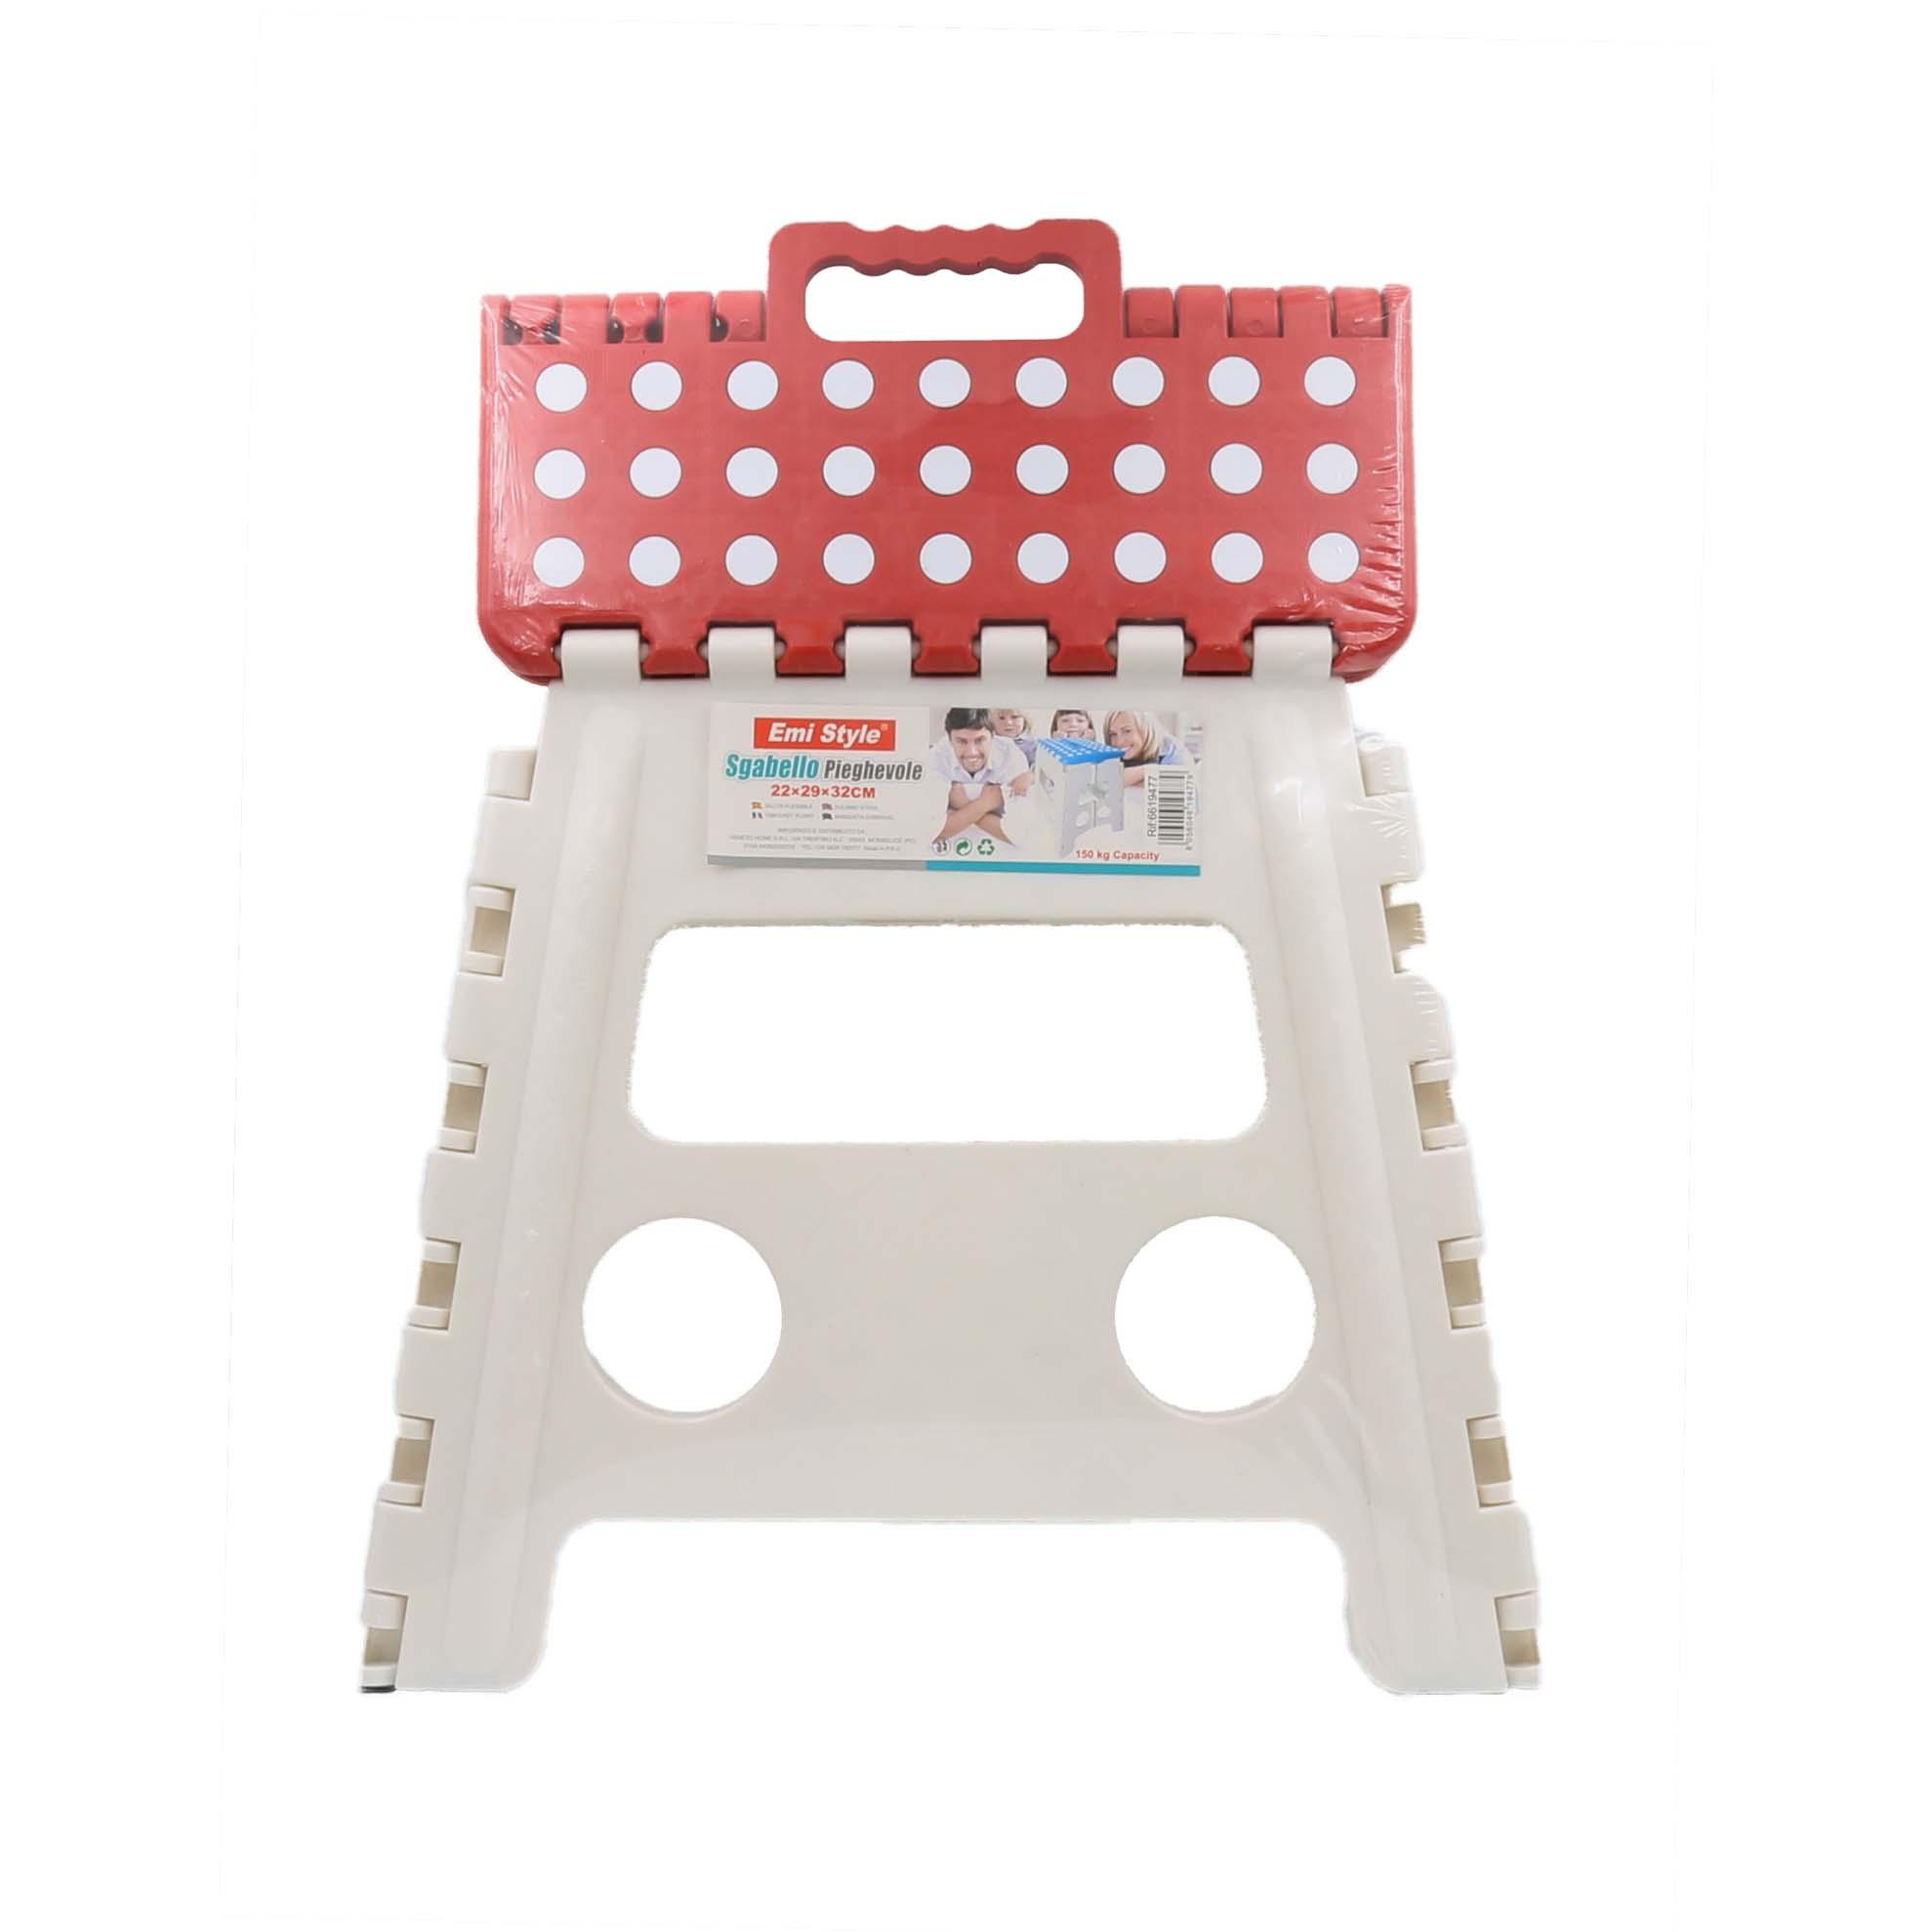 Sgabello pieghevole in plastica altezza 13 cm fino a 130 kg sgabello per bambini e adulti con manici Cikonielf